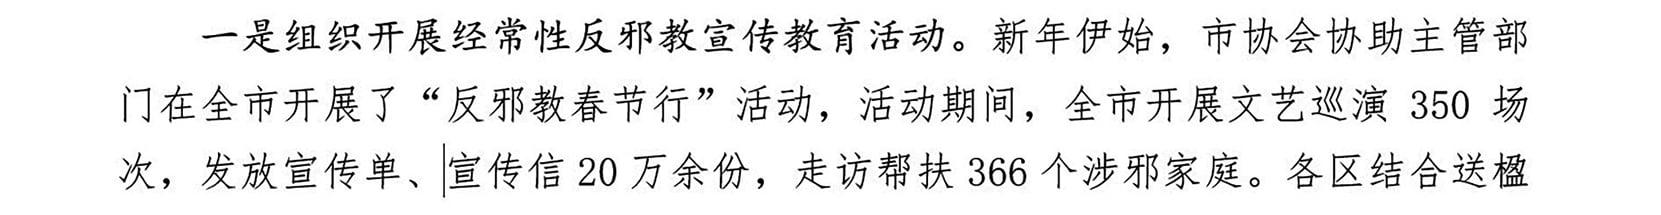 《南京市反邪教協會2015年工作總結》文件截圖,文件的落款時間是2015年11月10日。(大紀元)